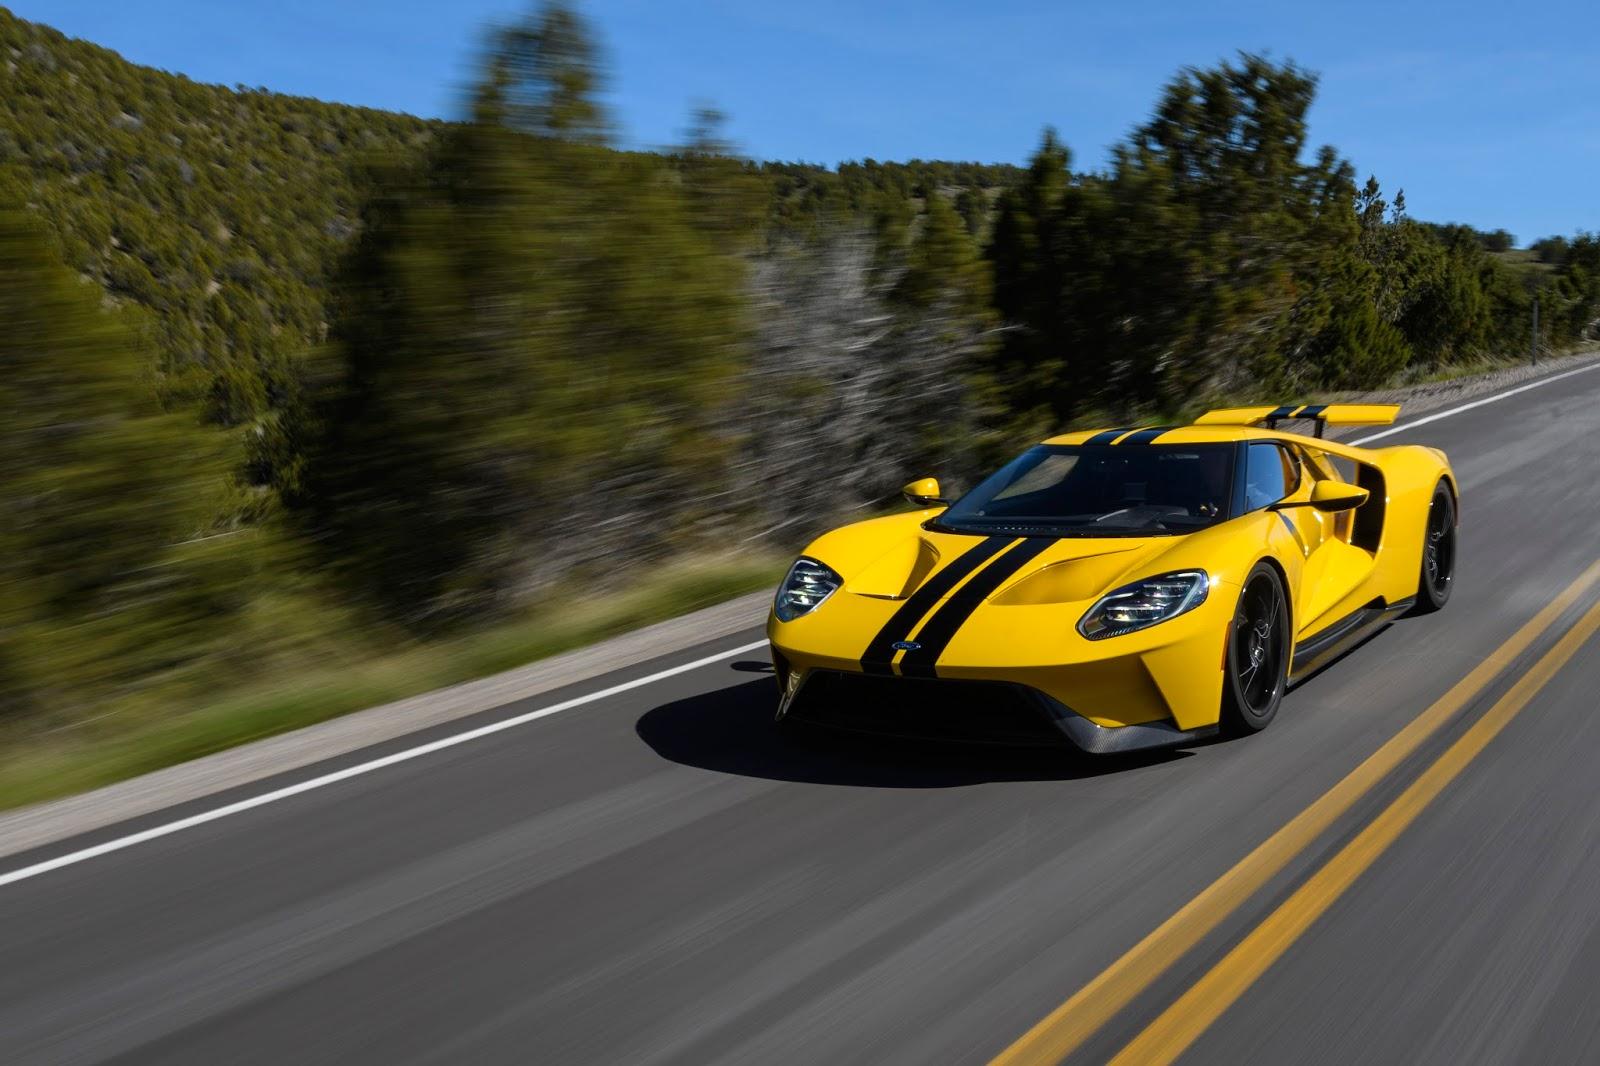 All NewFordGT Innovations 13 Ford GT : Το αυτοκίνητο του αύριο... σήμερα Ford, Ford GT, Ford GT 40, Future, supercars, τεχνικά, Τεχνολογία